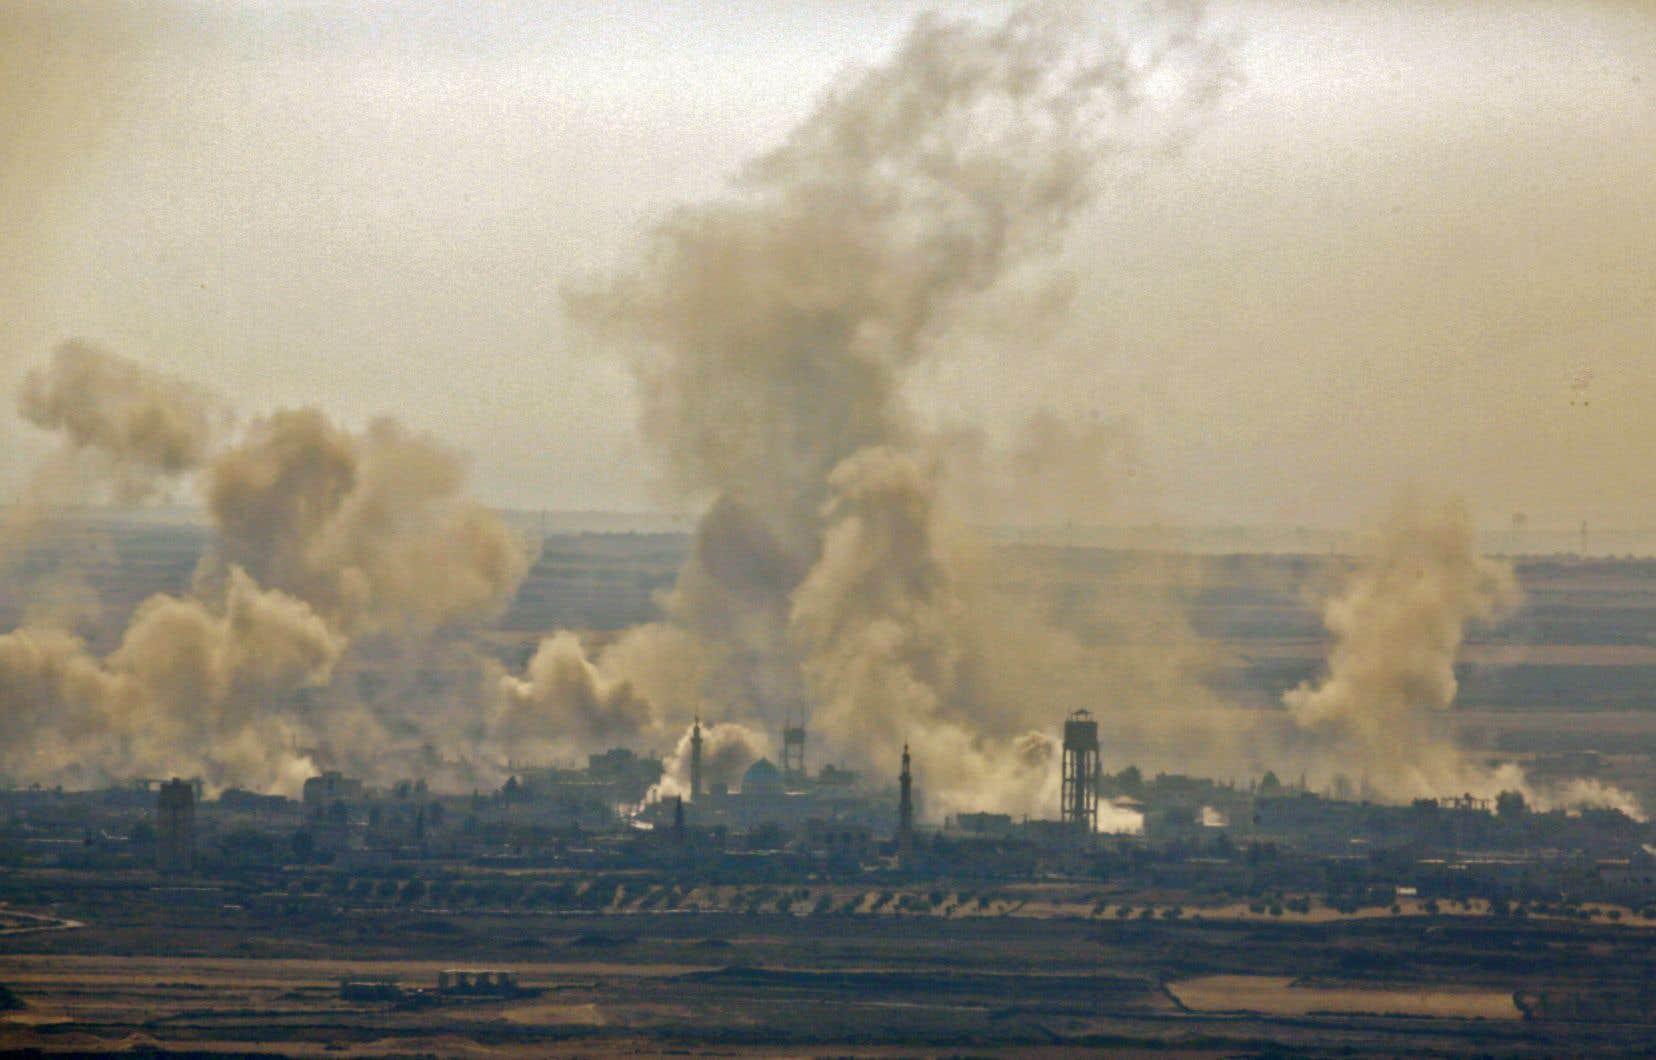 Des panaches de fumée provenant des frappes aériennes syriennes soutenues par la Russie. Photo prise depuis la partie israélienne du plateau du Golan.